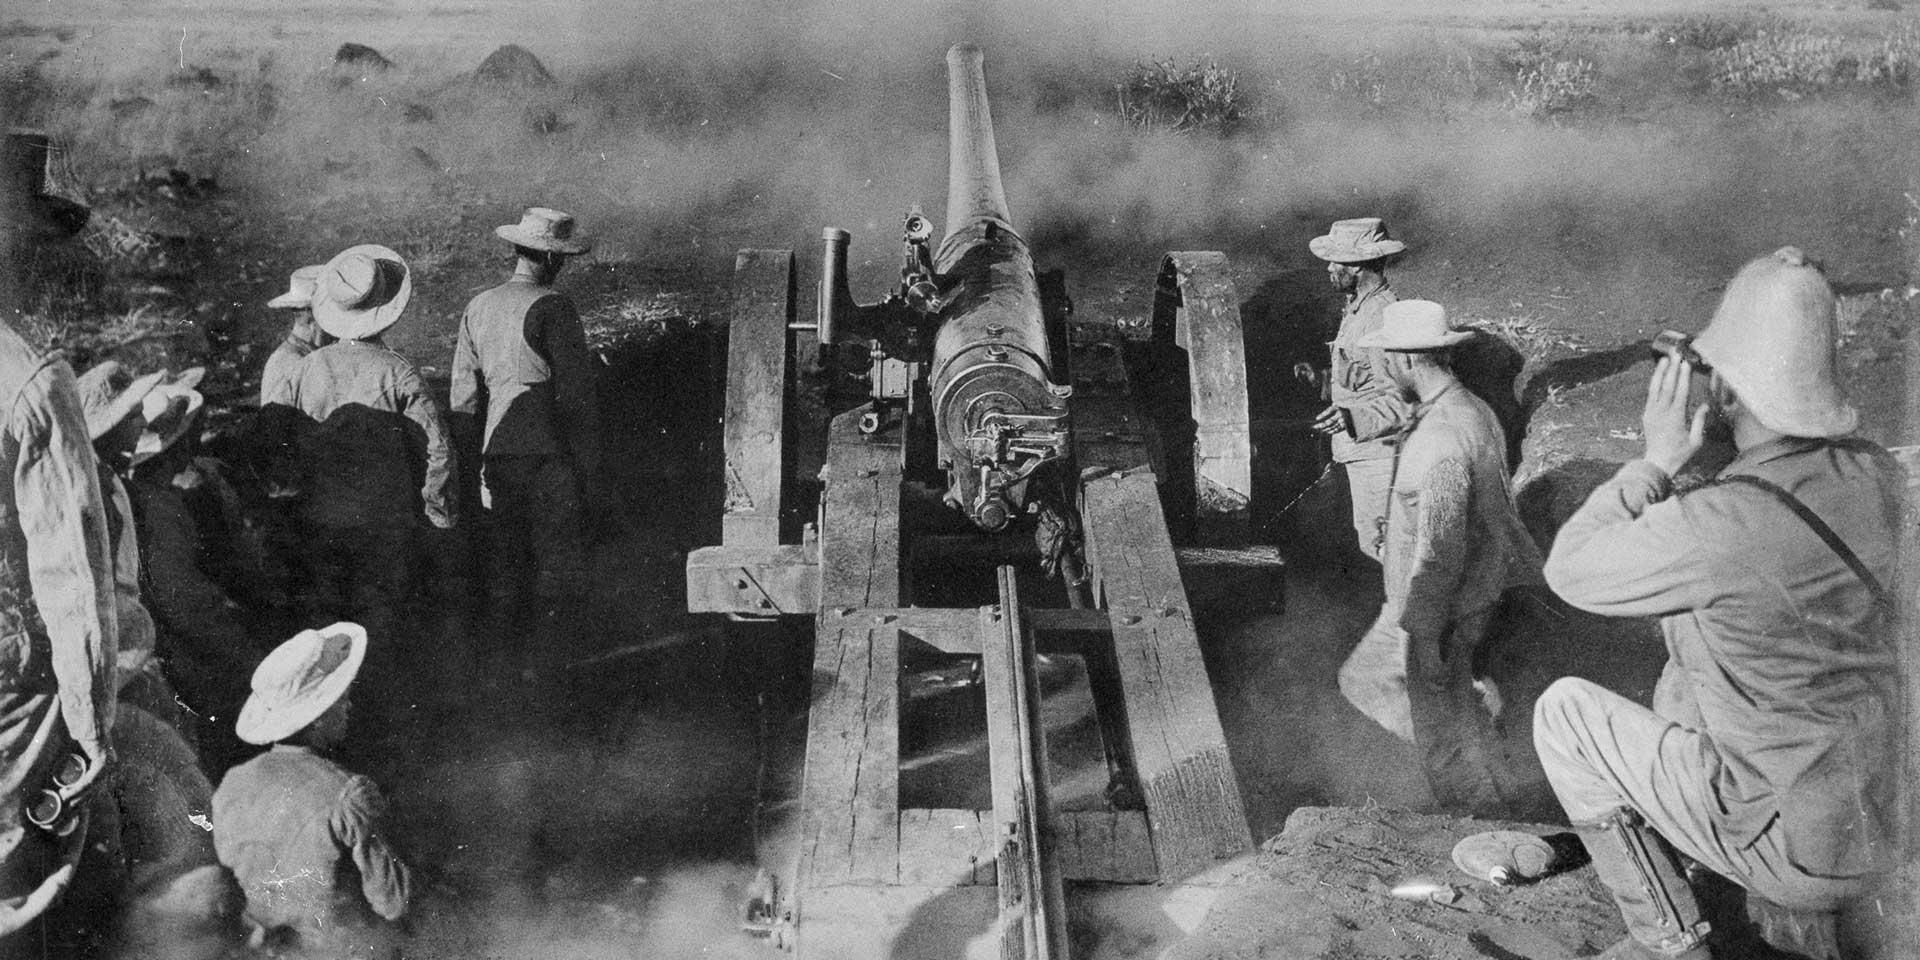 A naval gun firing during the Battle of Modder River, 1899